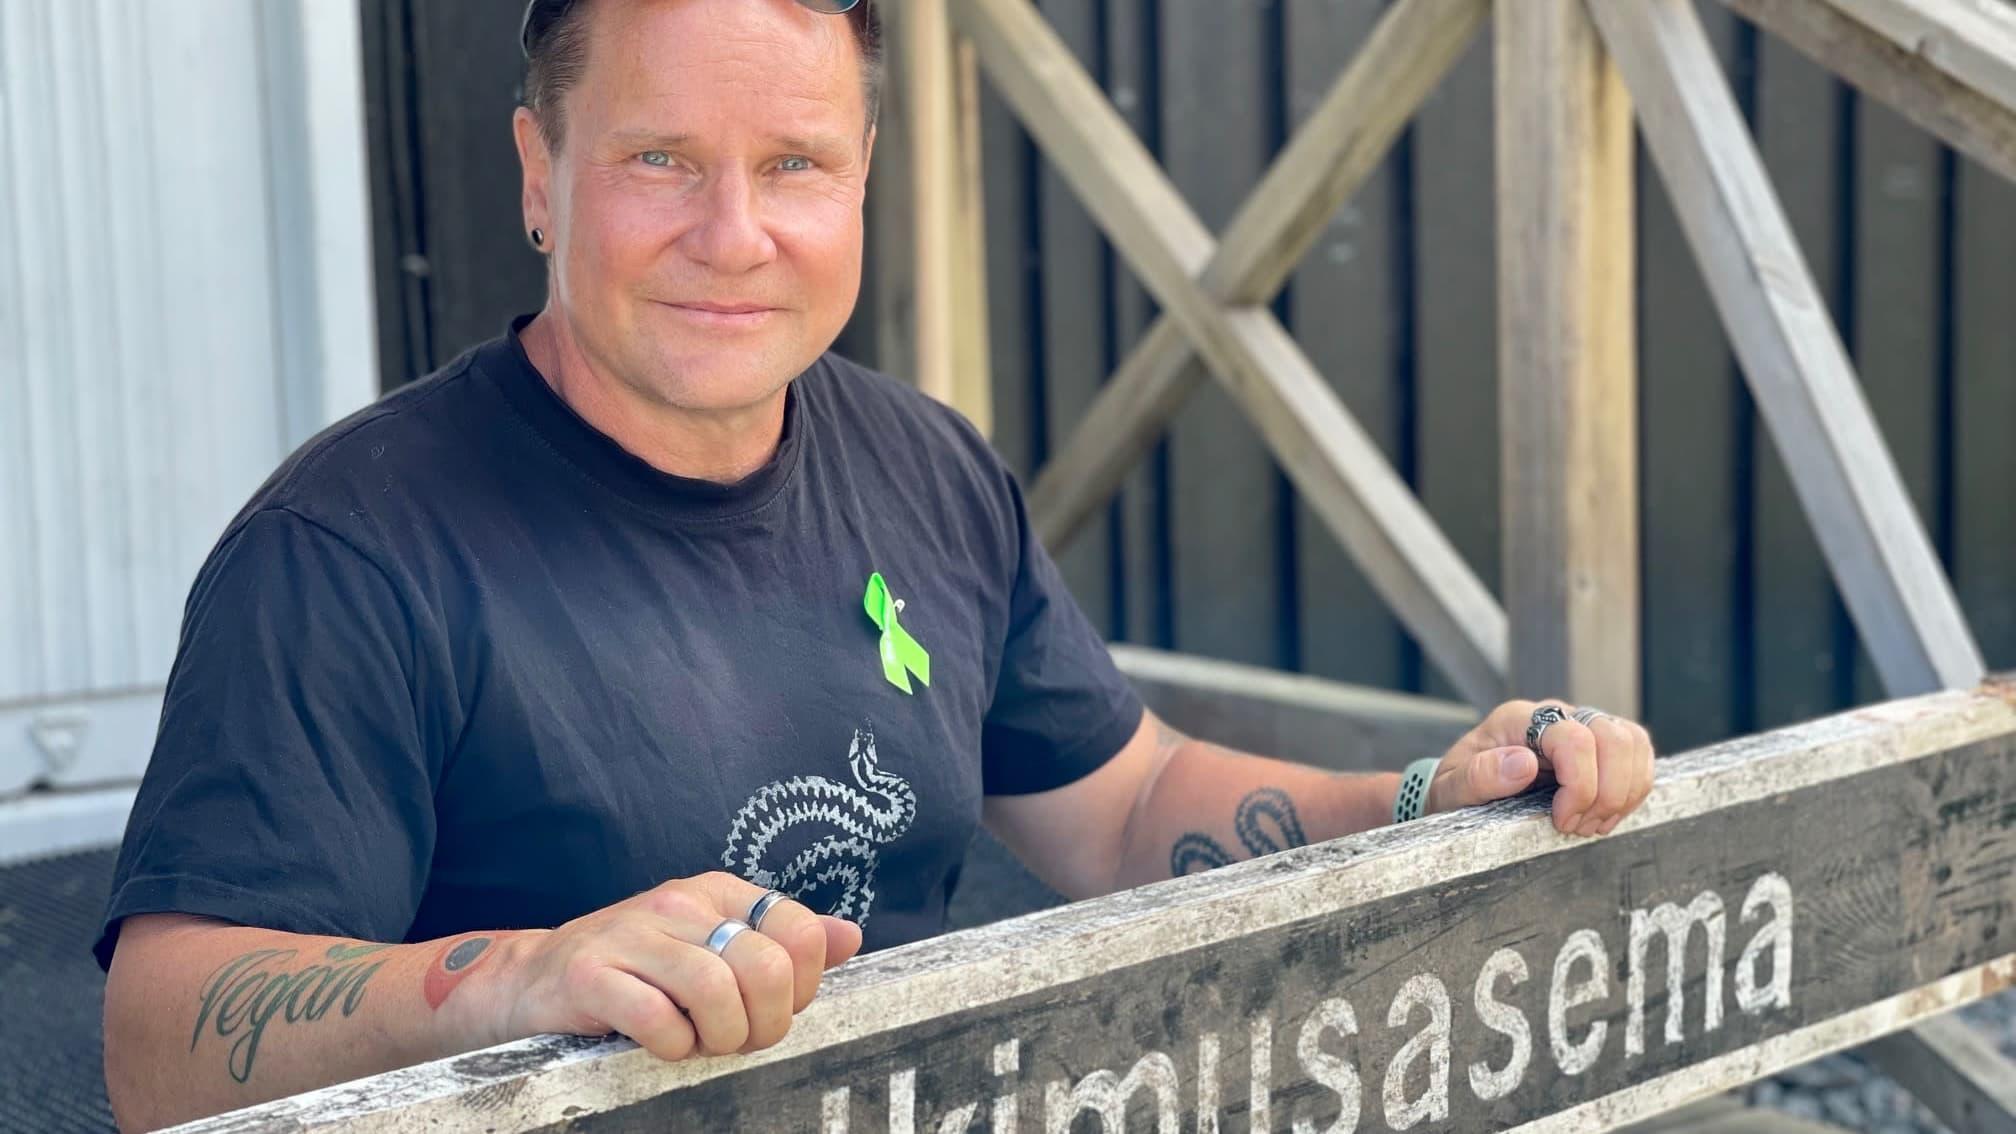 Mies istuu puurakennuksen portailla sylissään iso puinen kyltti, jossa lukee tutkimusasema